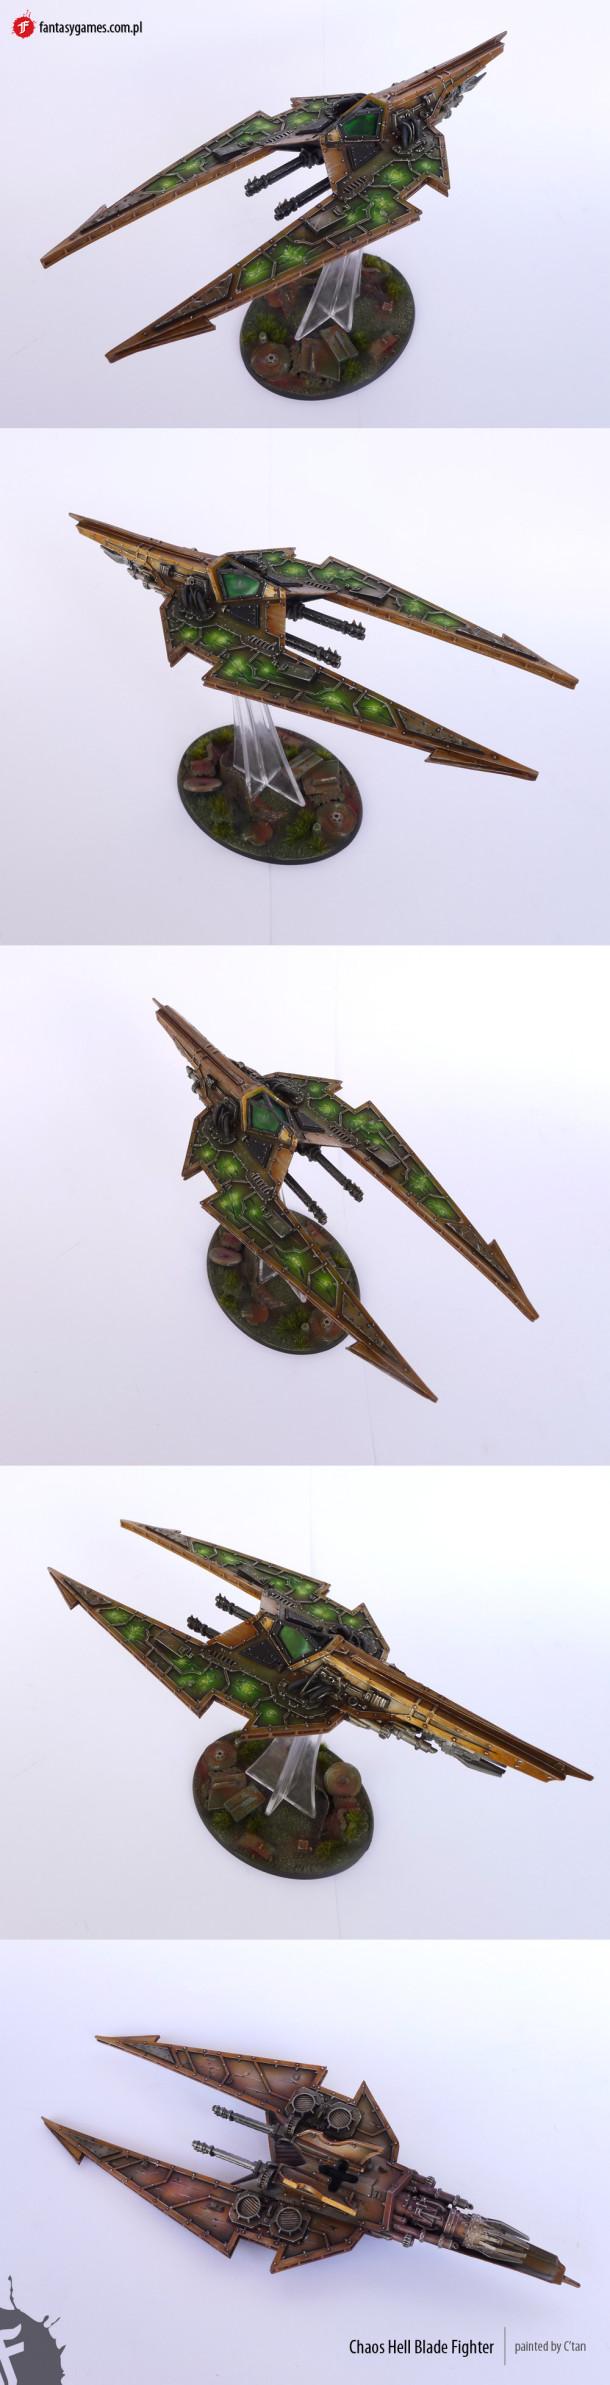 hellblade-big